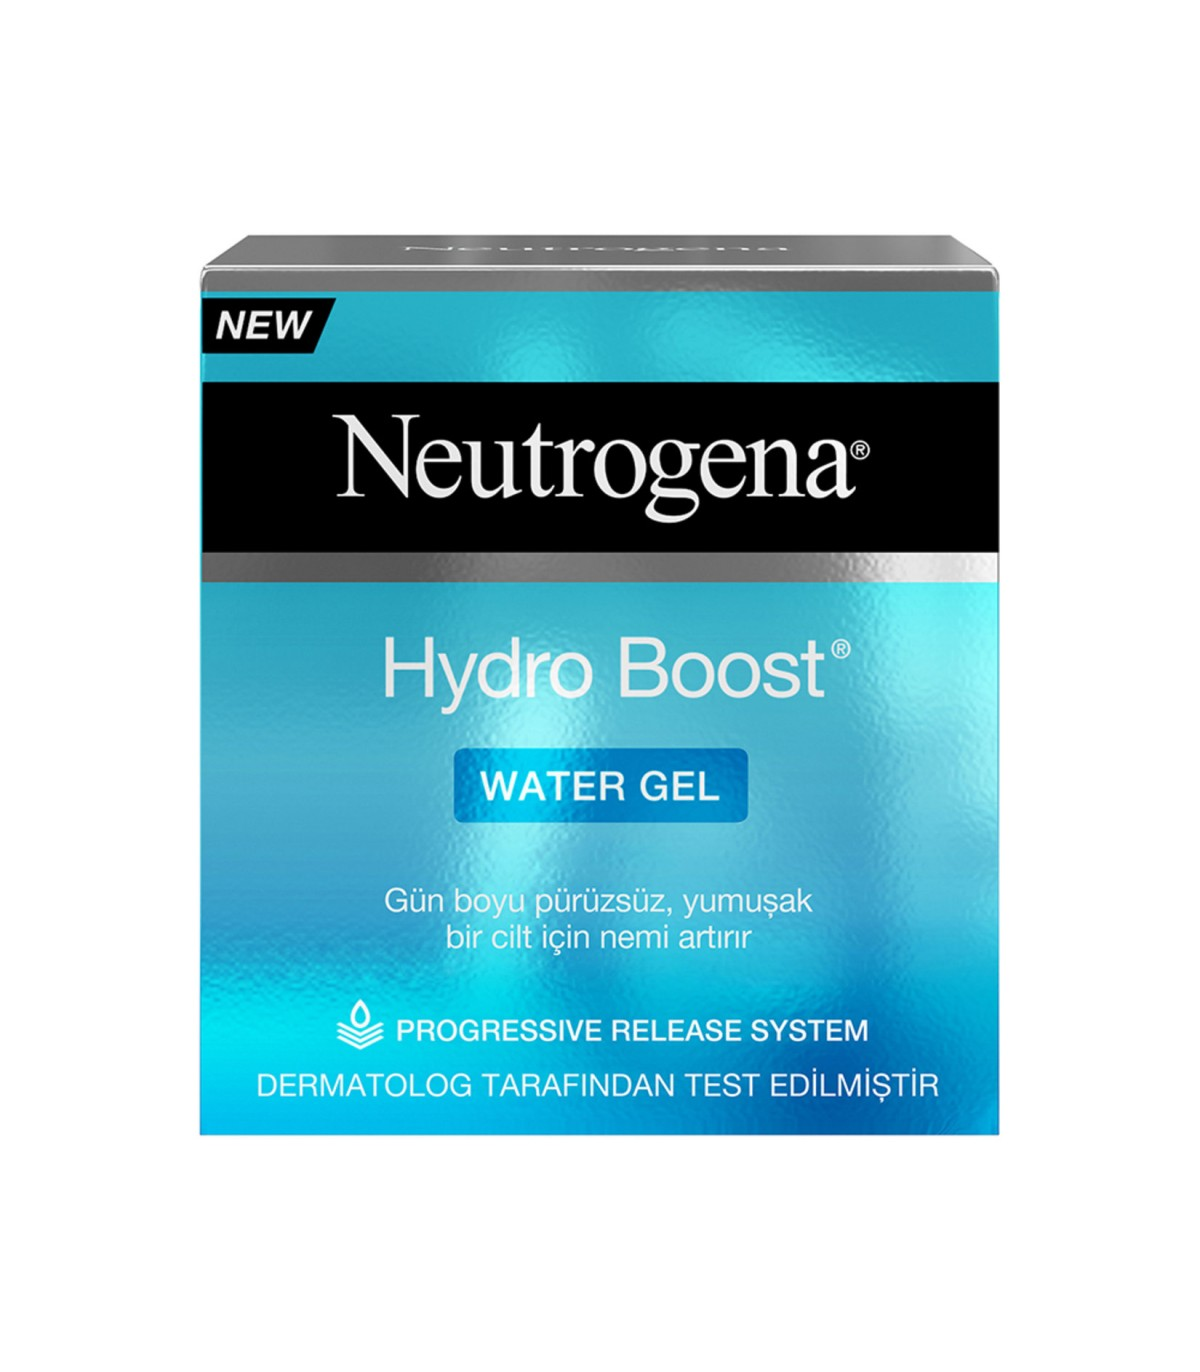 Neutrogena ژل آبرسان 50 میل نوتروژینا